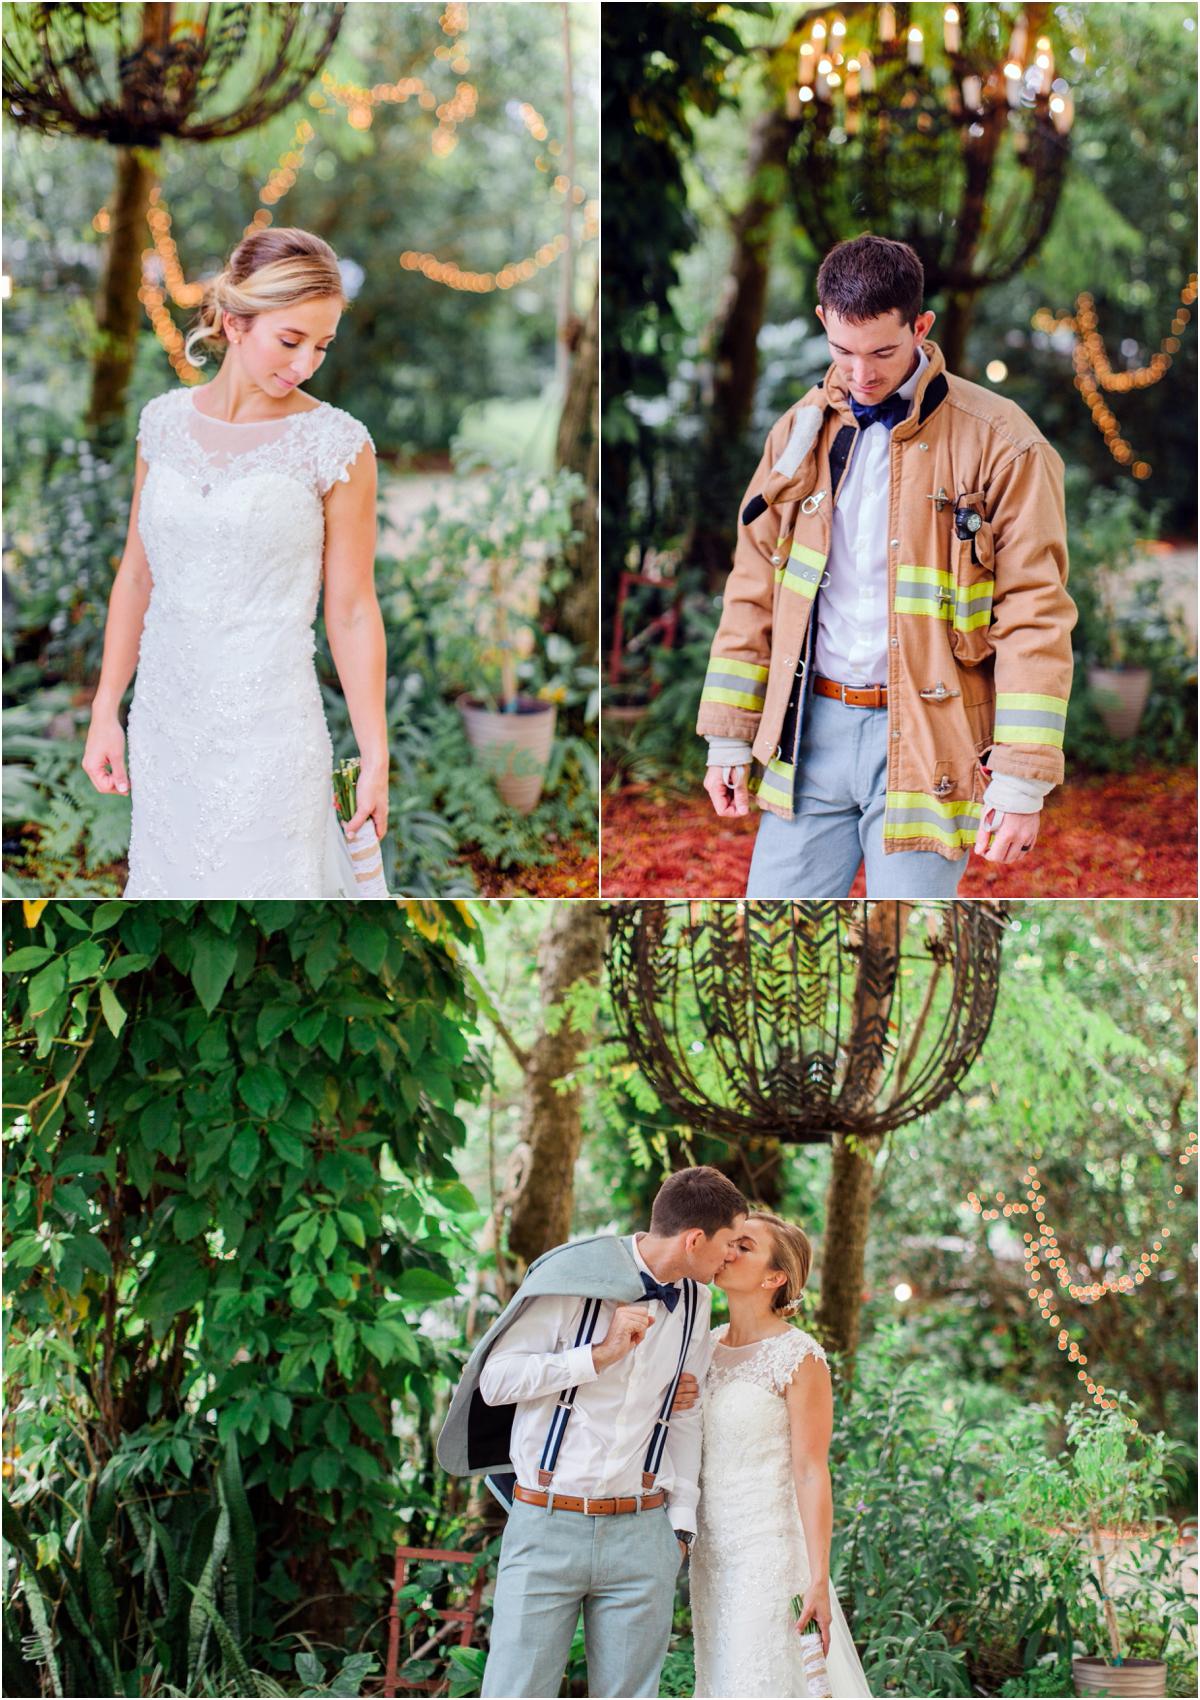 Waldos-Secret-Garden-Wedding-Photos-Vero_0022